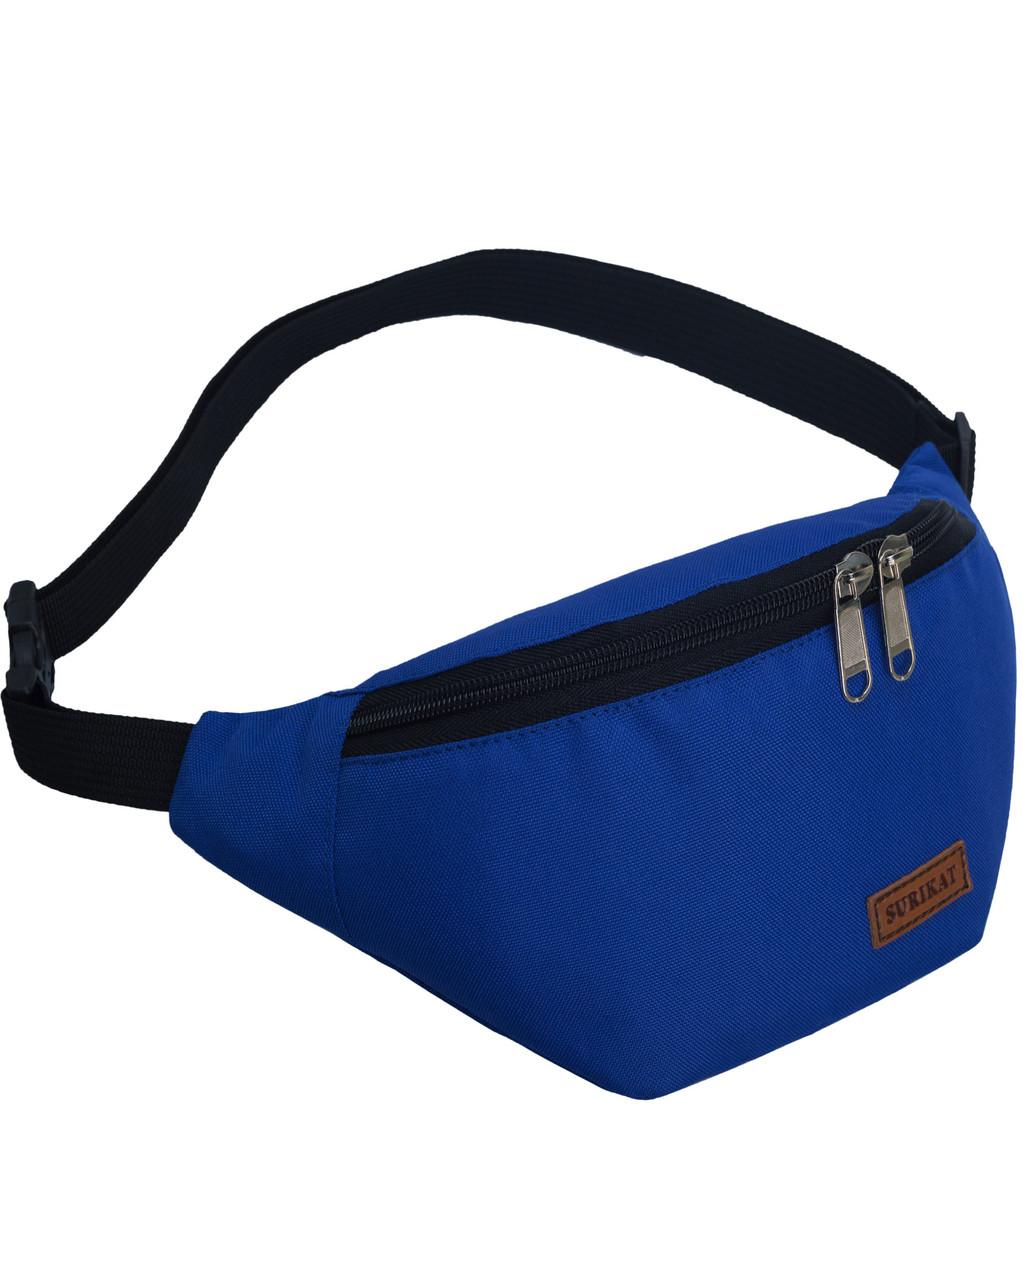 Сумка на пояс бананка Tempo Surikat ярко-синяя (сумка на пояс, сумки,